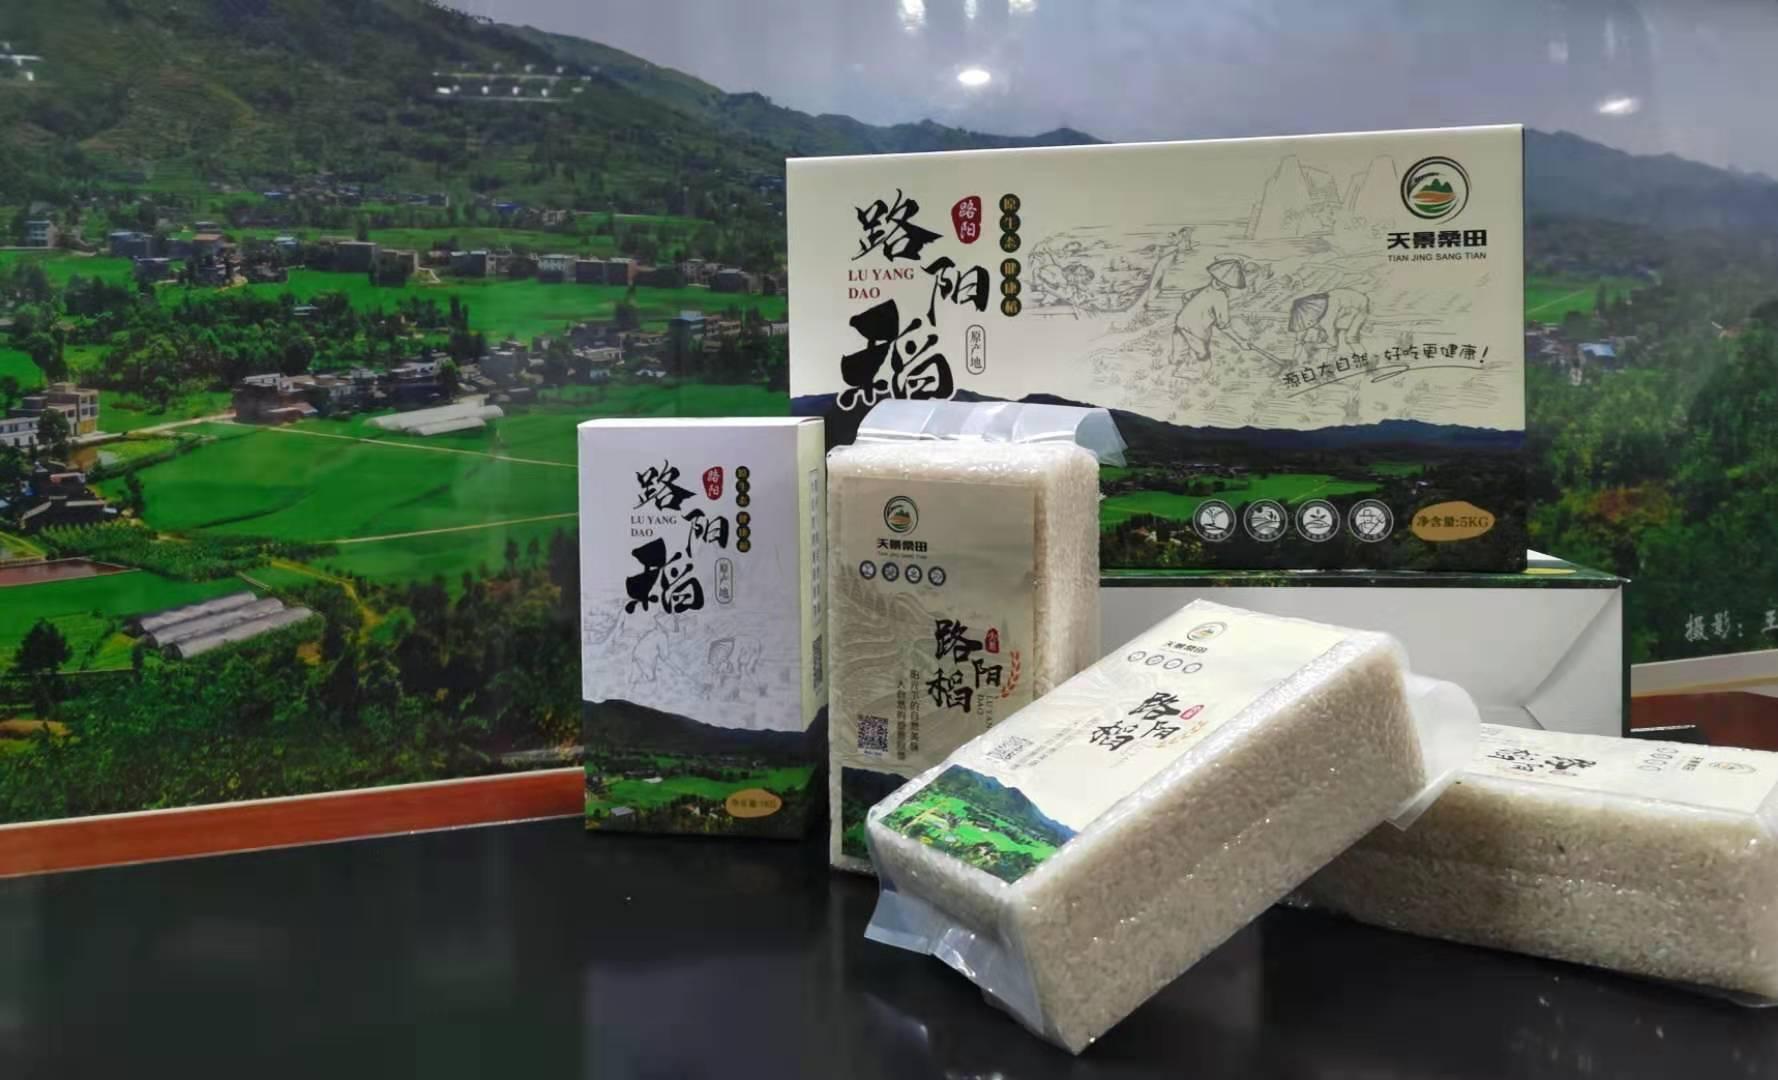 路阳镇贫困户自产优质大米     1000g  限时6折优惠